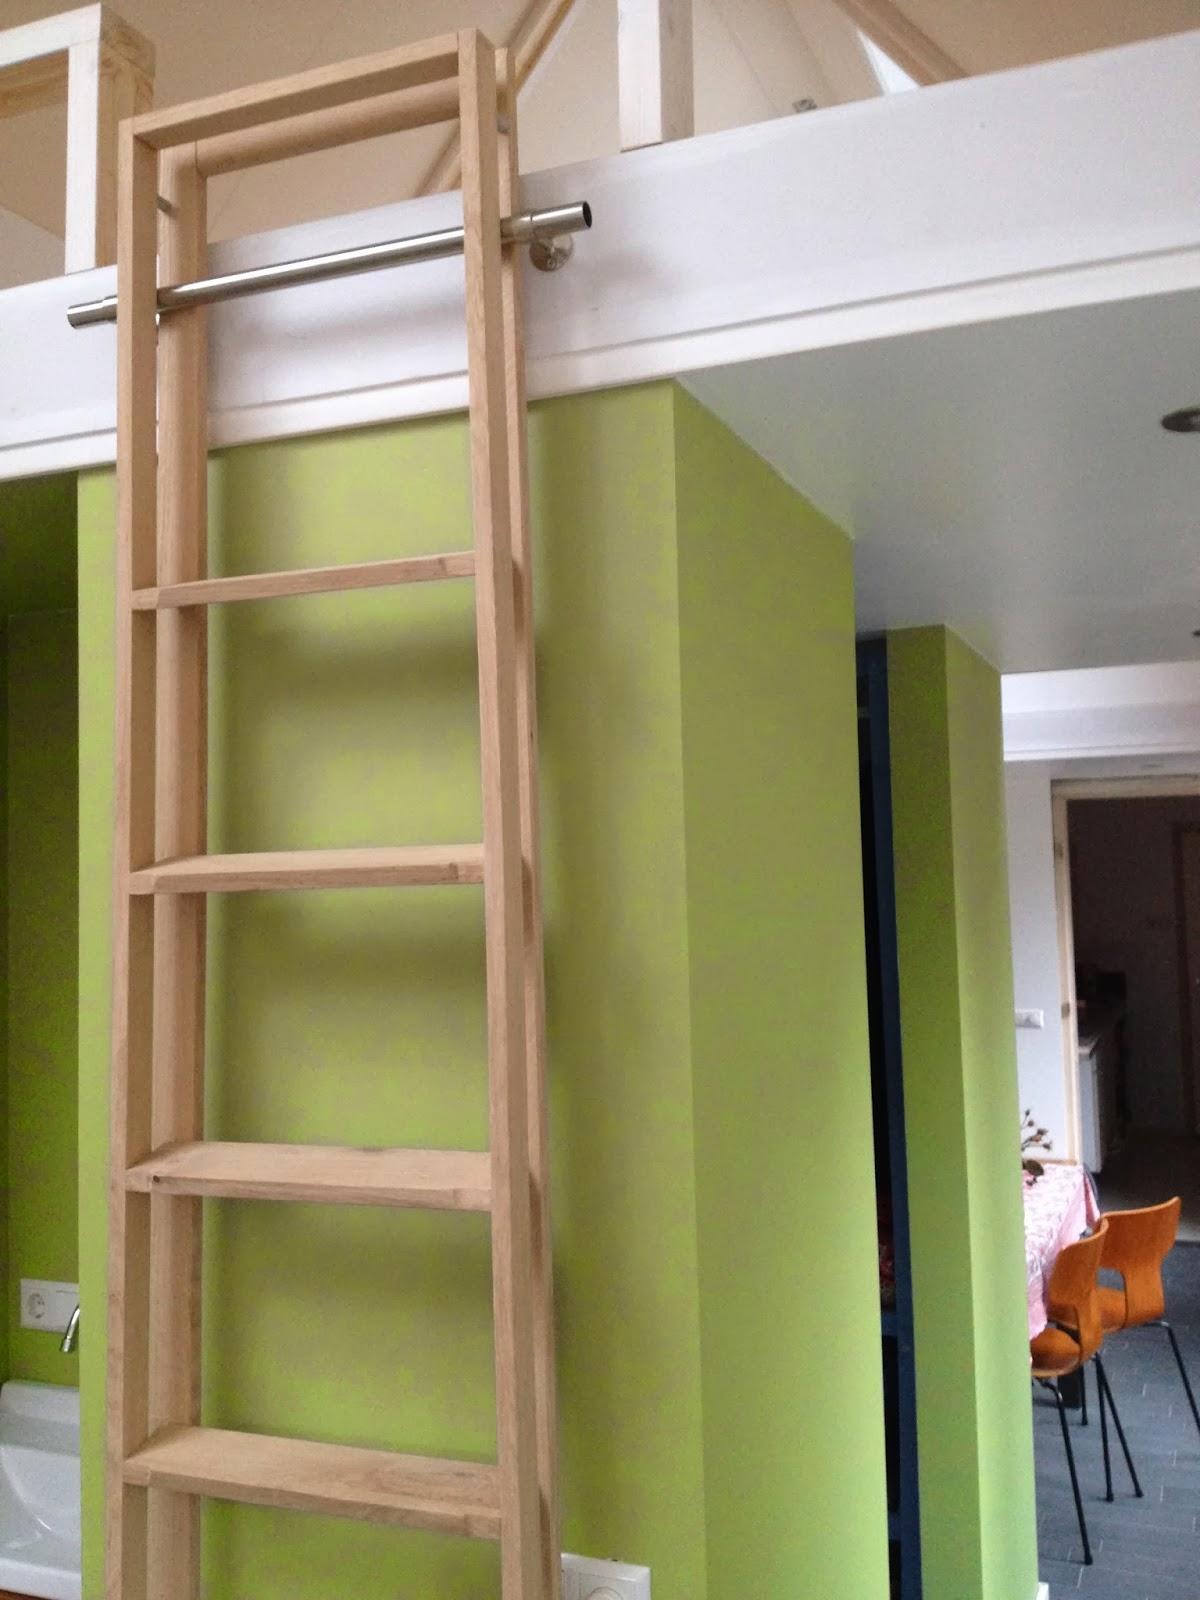 Laddertjes Net Ladder Voor Mezzanine